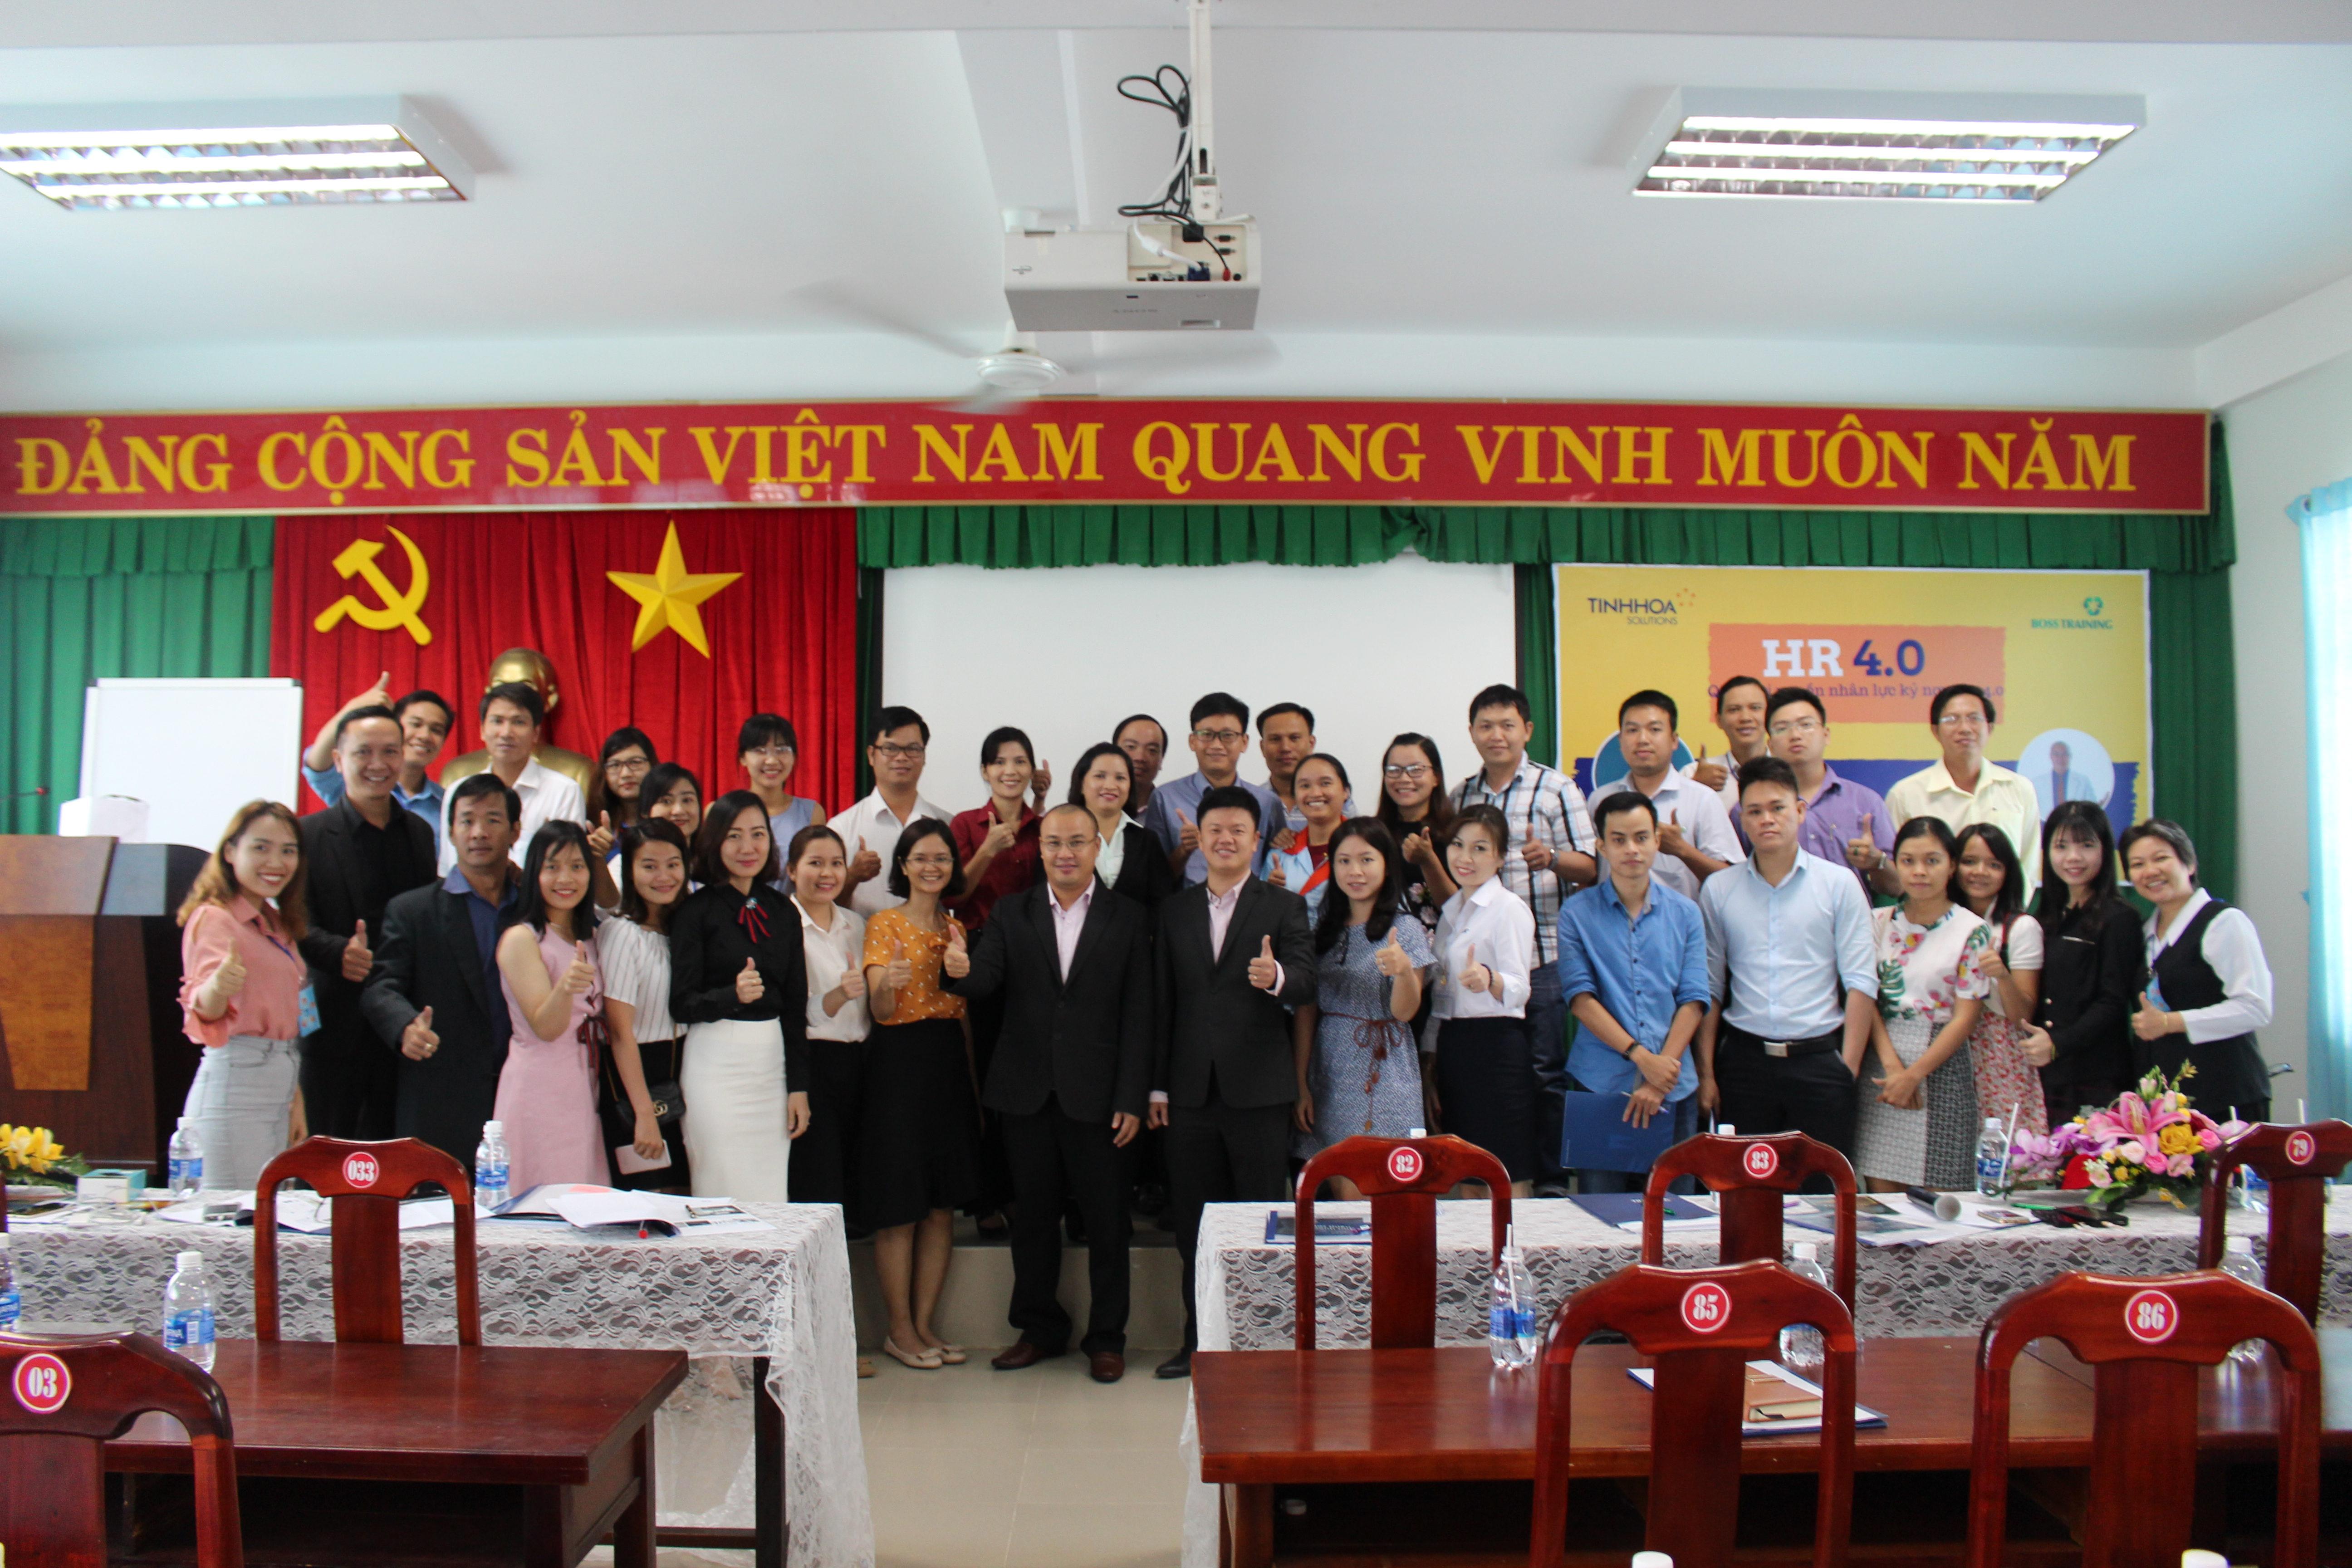 Hội thảo HR 4.0 Quản lý nguồn nhân lực kỷ nguyên 4.0 tại Nhơn Trạch, Đồng Nai